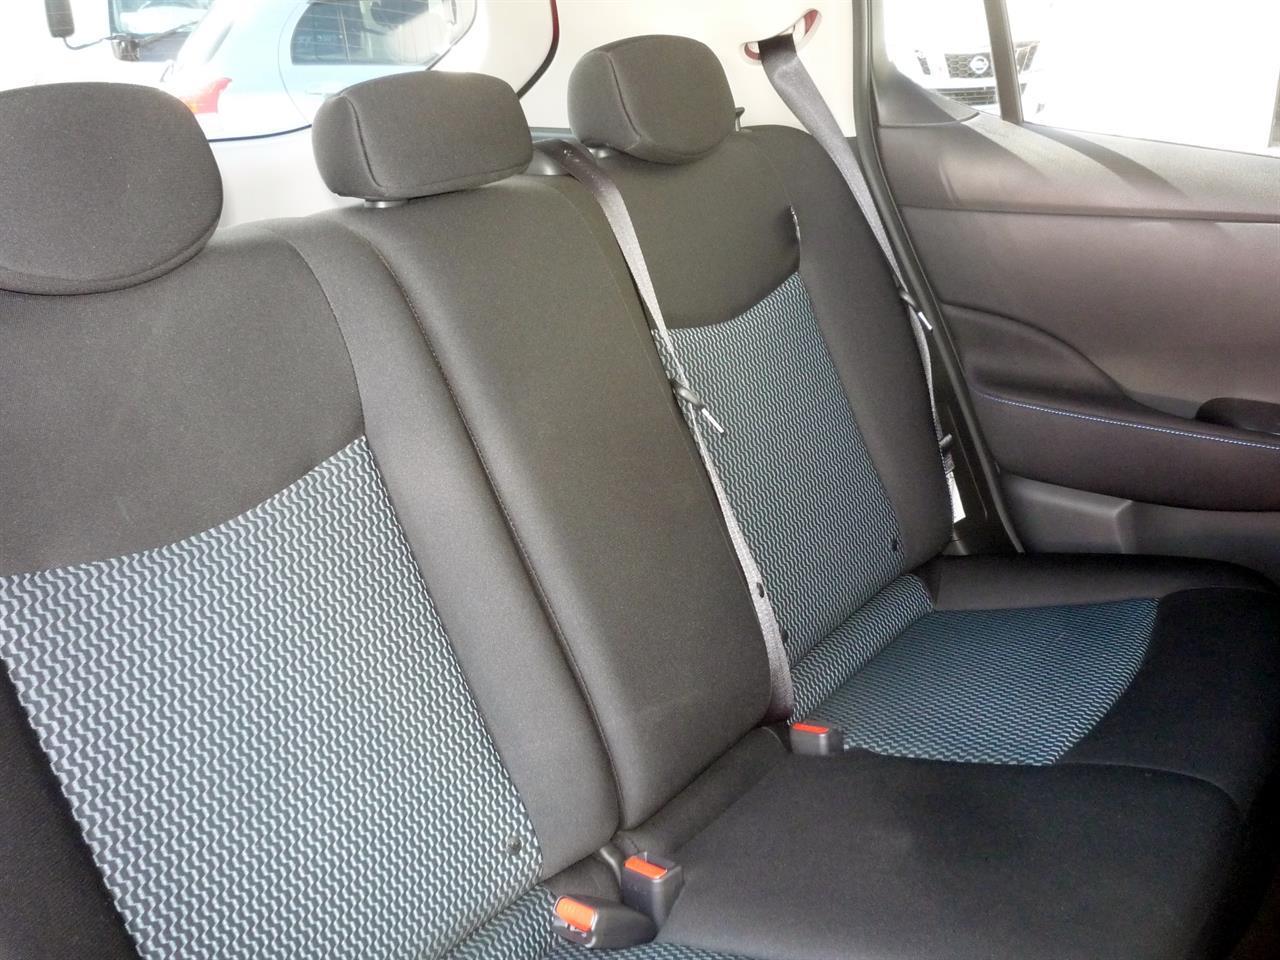 image-8, 2018 Nissan Leaf 40S (SOH 95.66%) at Dunedin